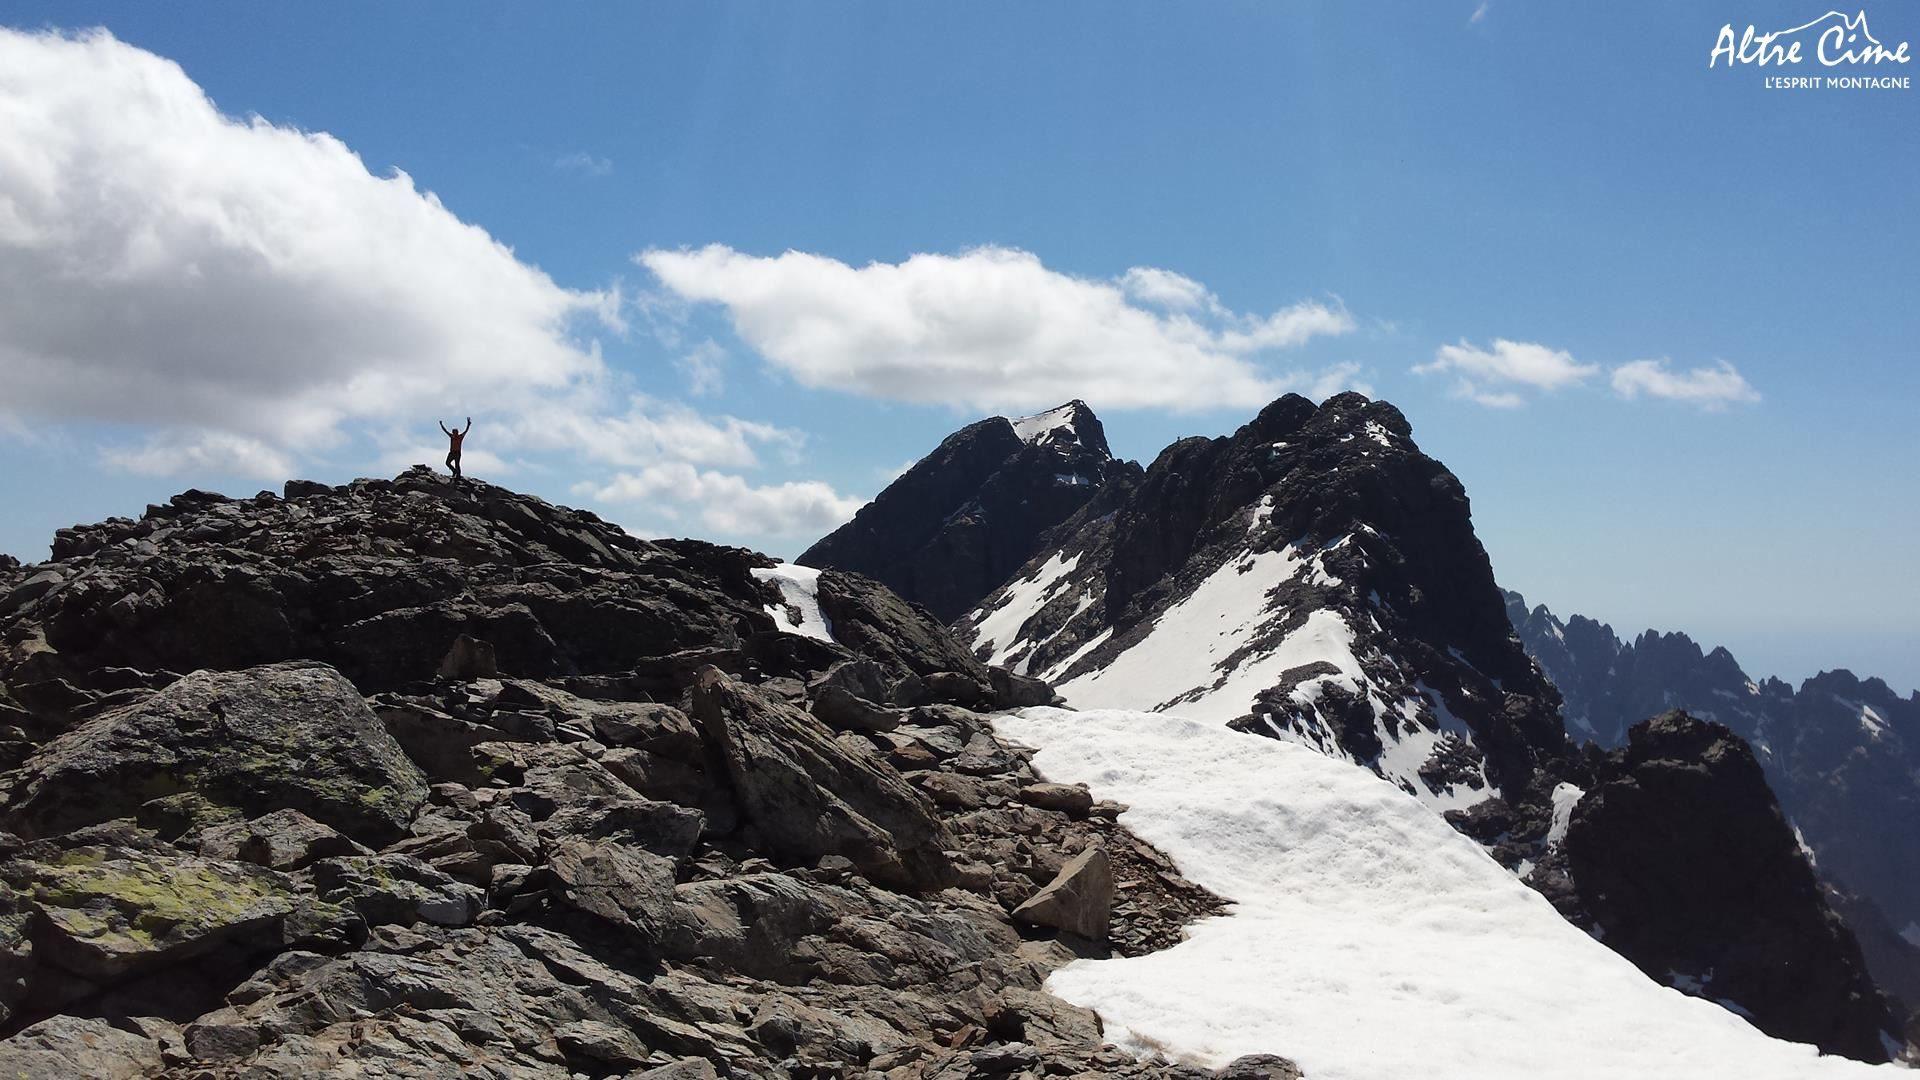 Sommet du Selula et Monte Cintu en toile de fond